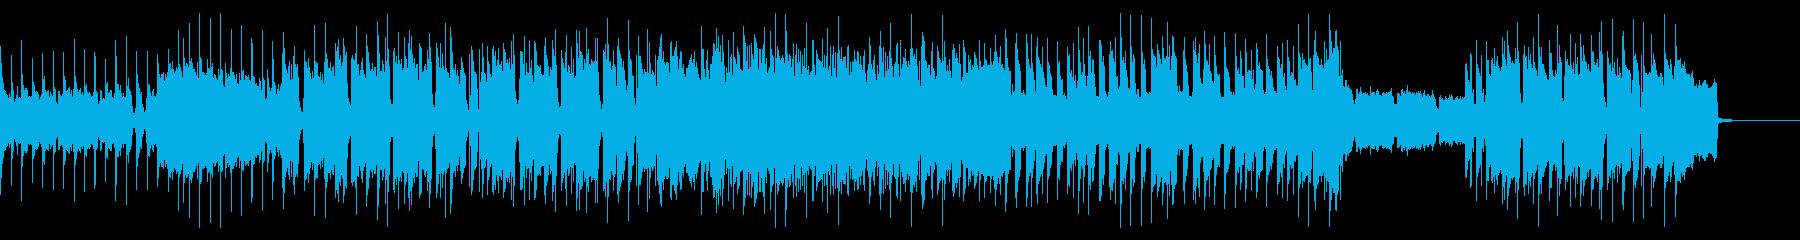 ザ・ロックなギターインストの再生済みの波形